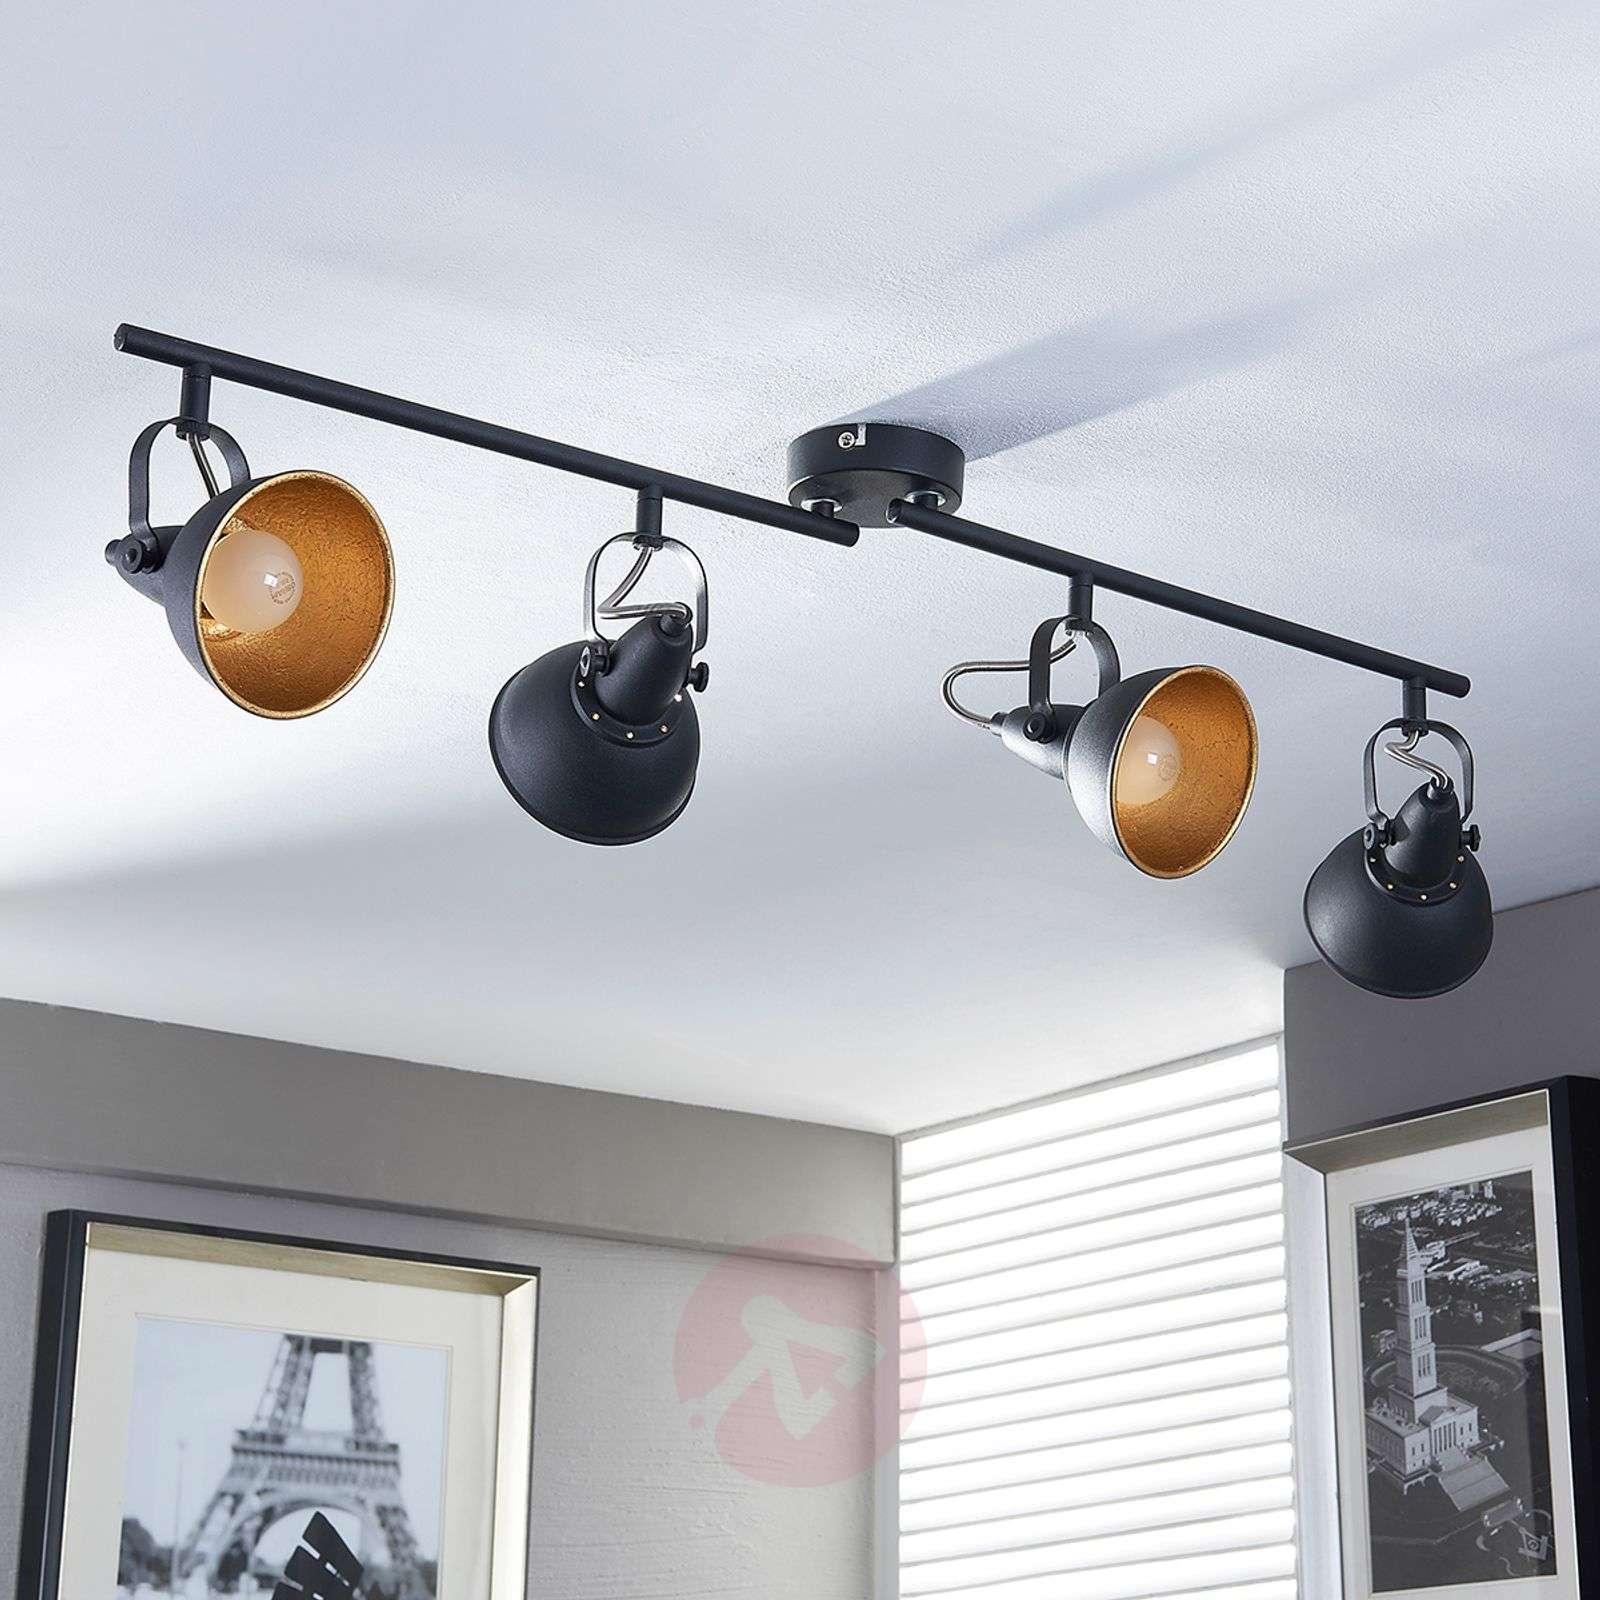 Black and golden kitchen spotlight Julin, 4 bulbs-9620732-03